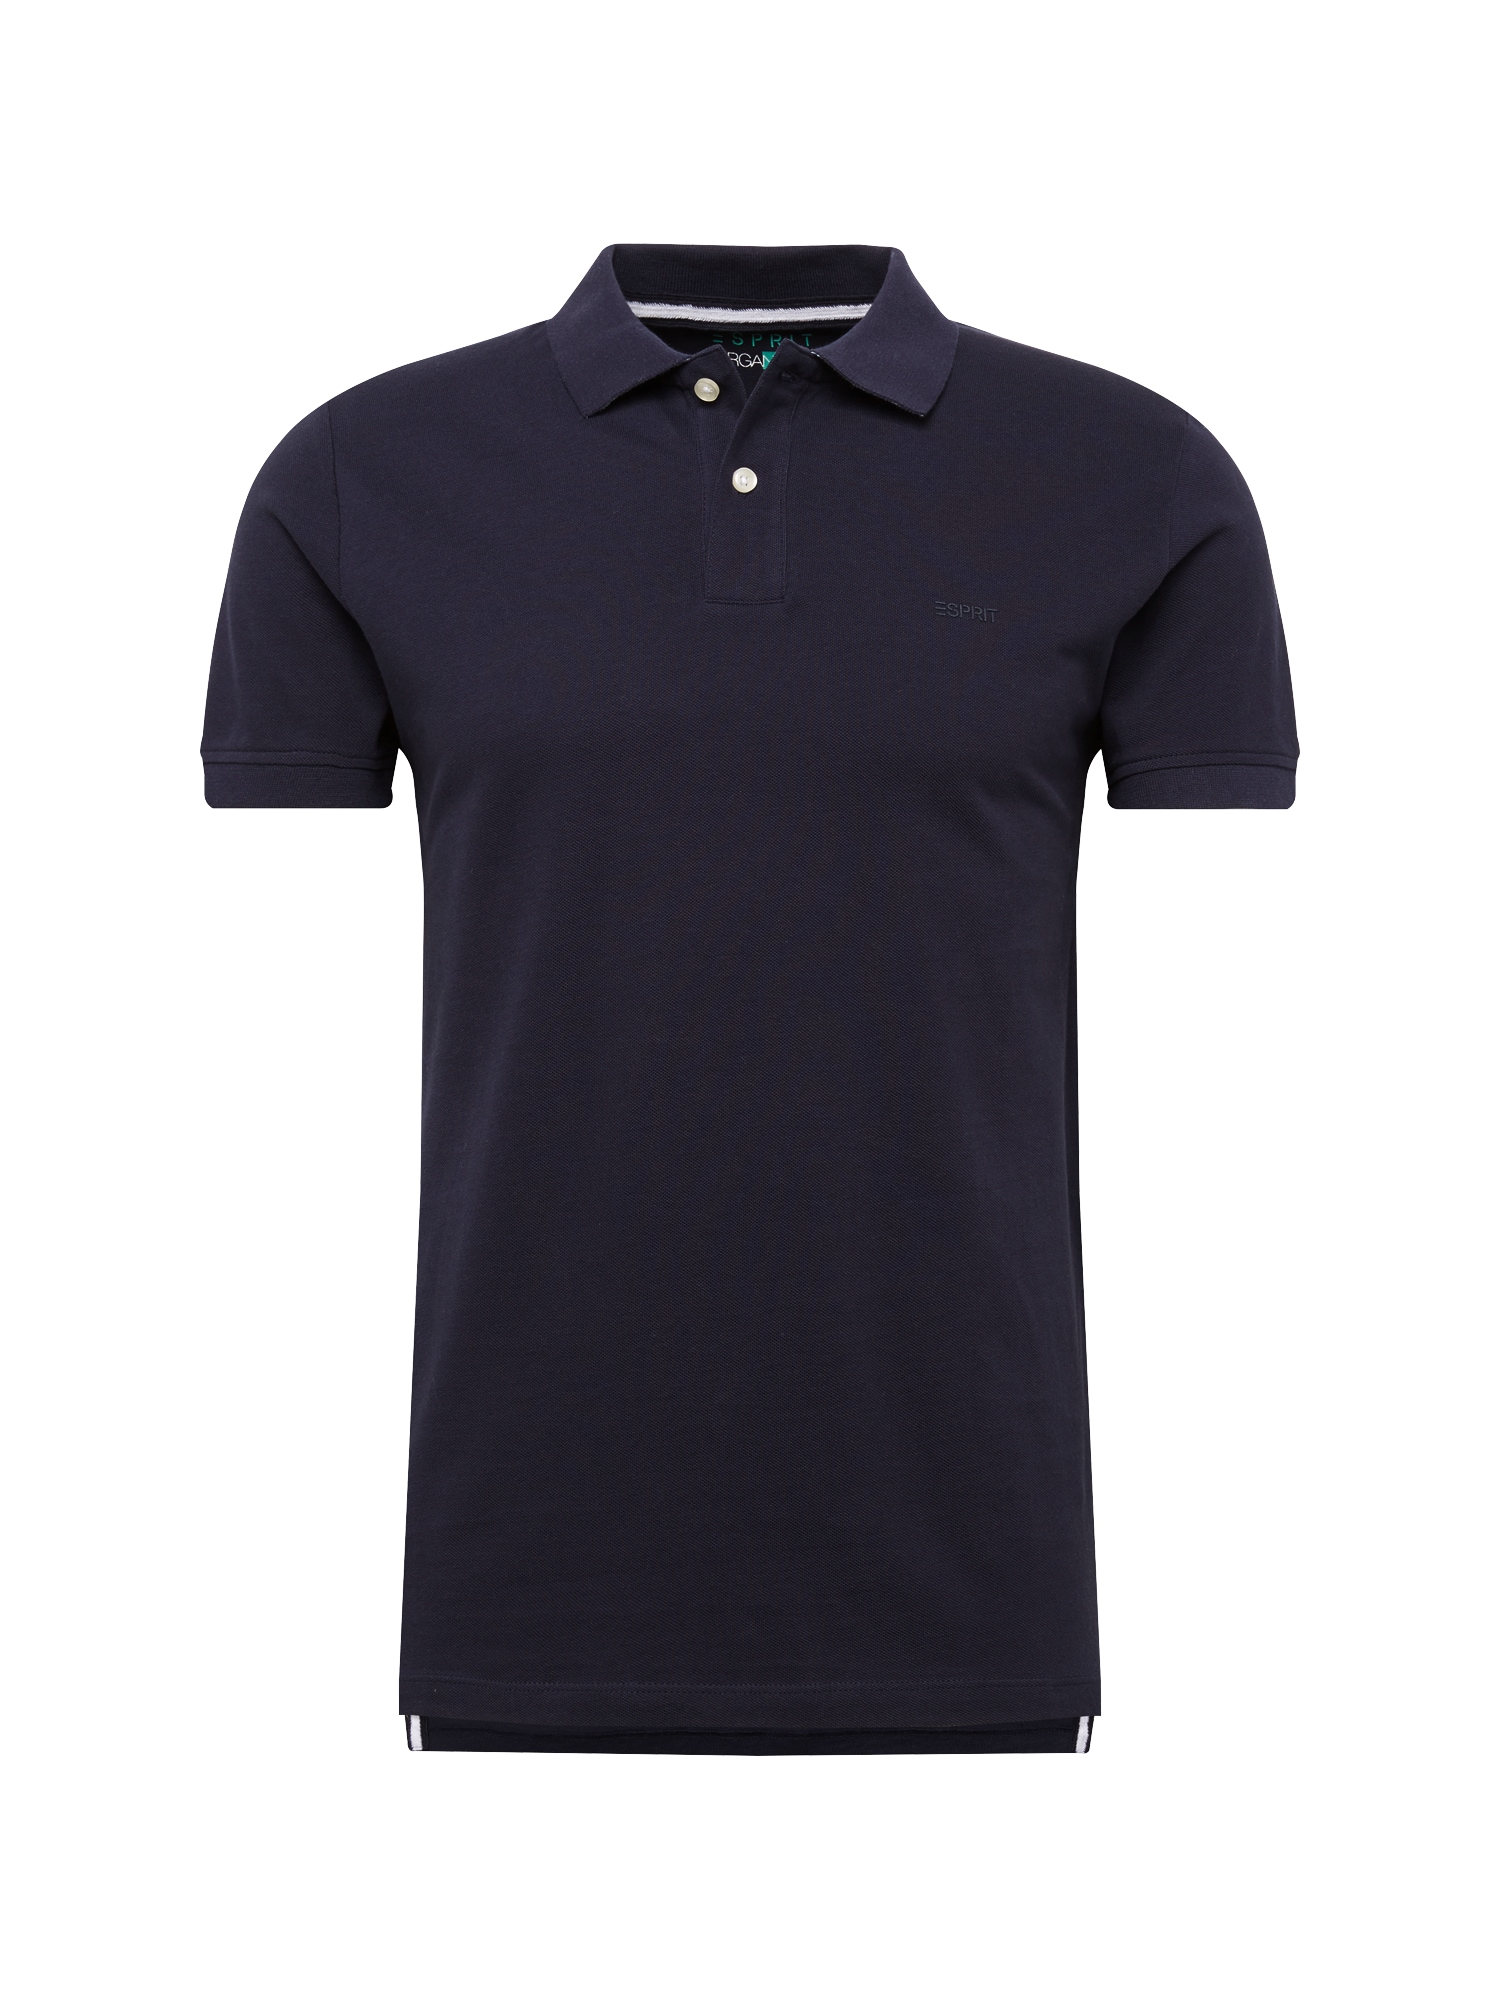 ESPRIT Marškinėliai nakties mėlyna